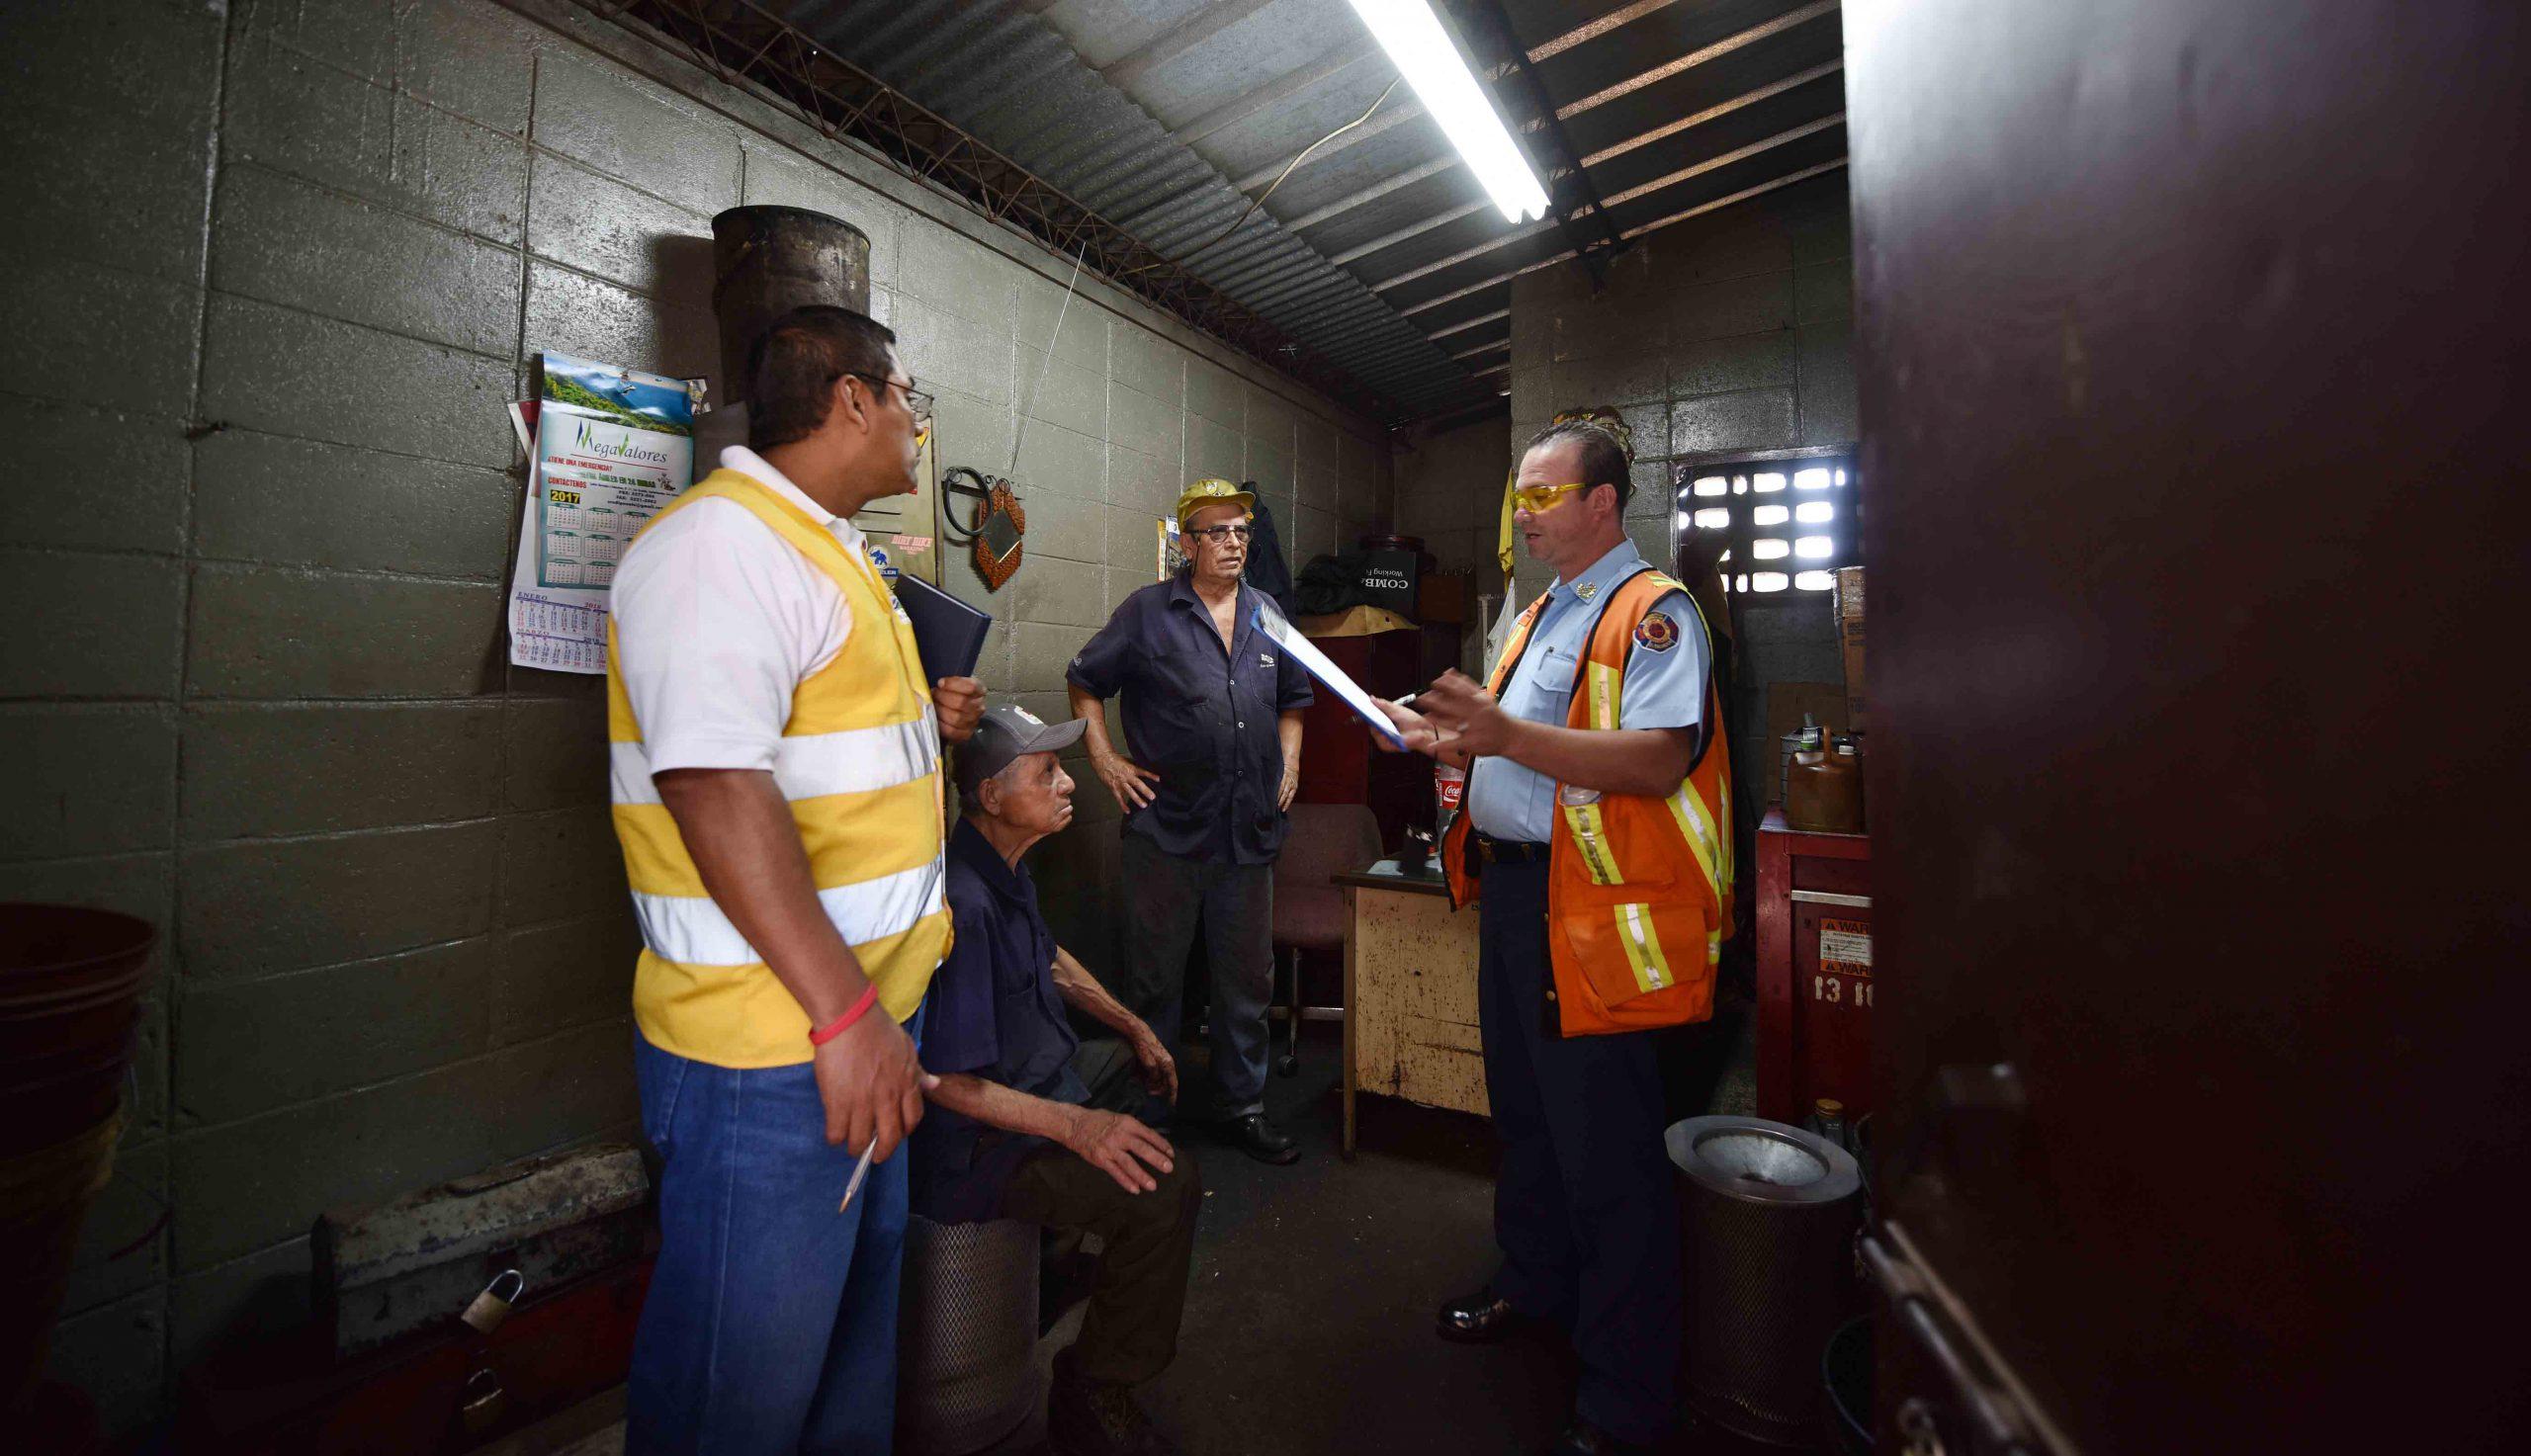 MOP trabaja con apoyo de Cuerpo de Bomberos en elaboración de plan de emergencia y evacuación en casos de incendios